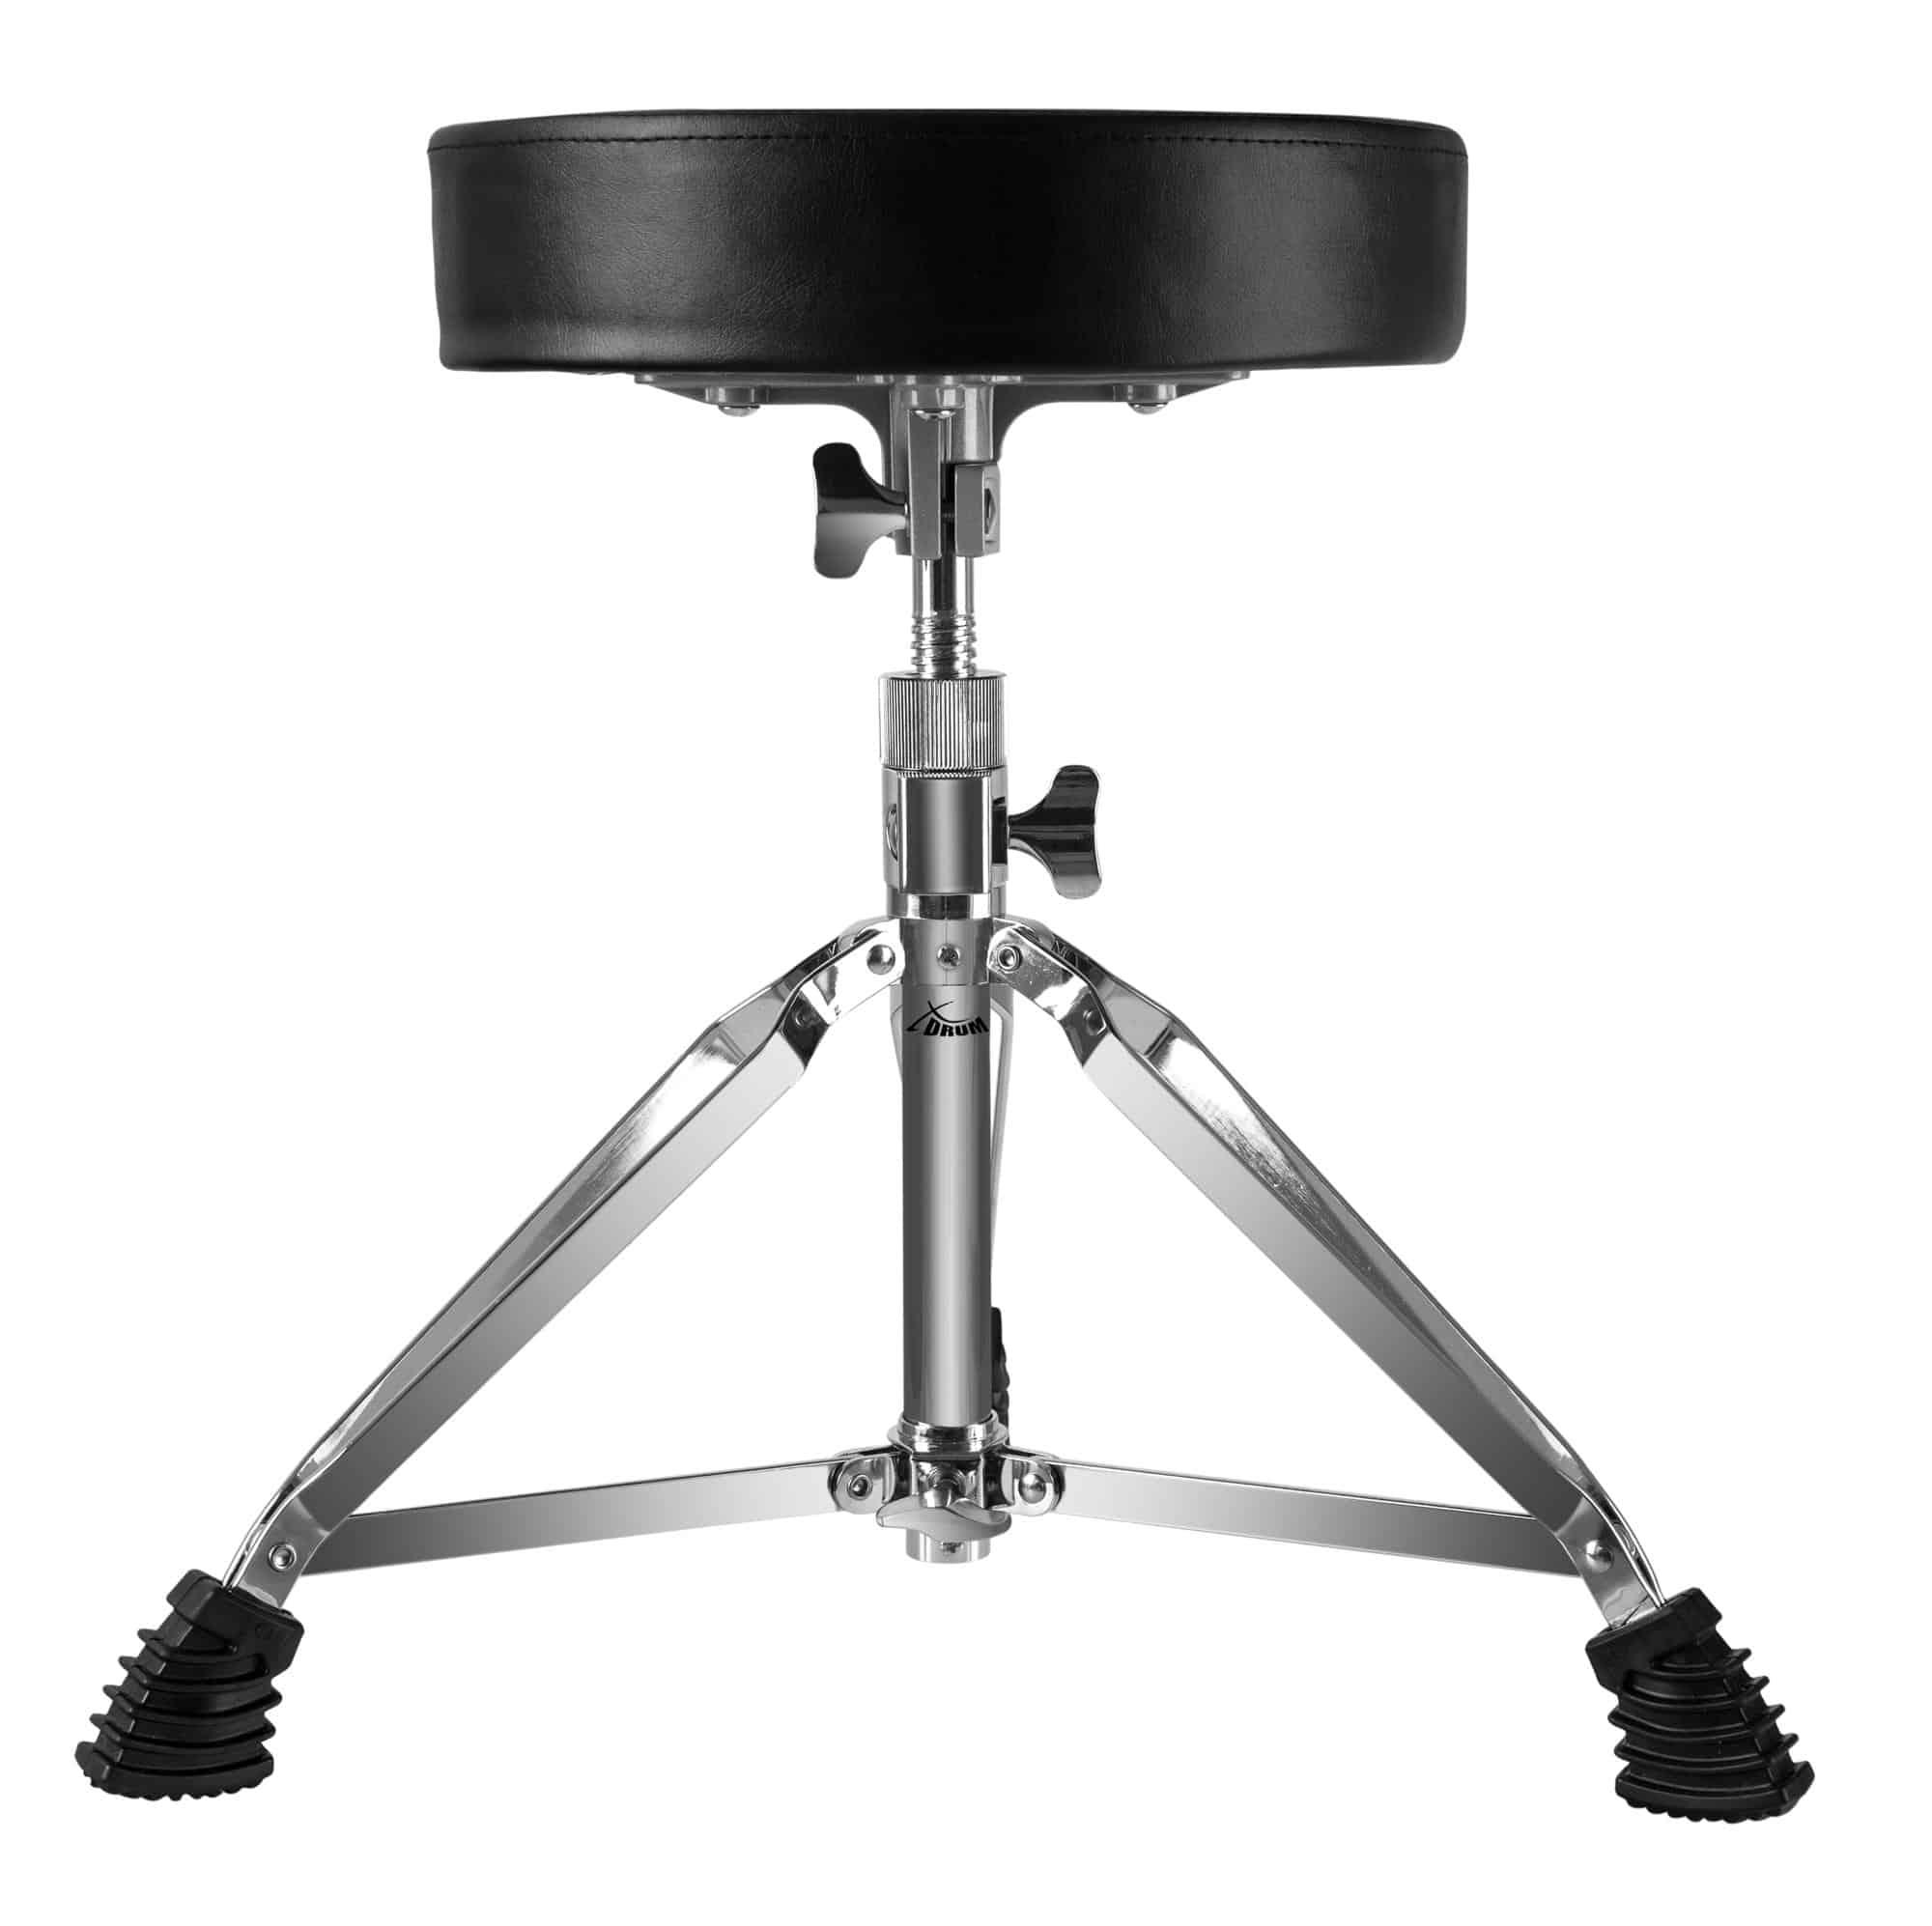 XDrum DHS 1 Drum Stool Height Adjustable Between 50 64  : f46754862a04d5c003fecb9ee5d21f6f1 from www.kirstein.de size 1125 x 1500 jpeg 66kB